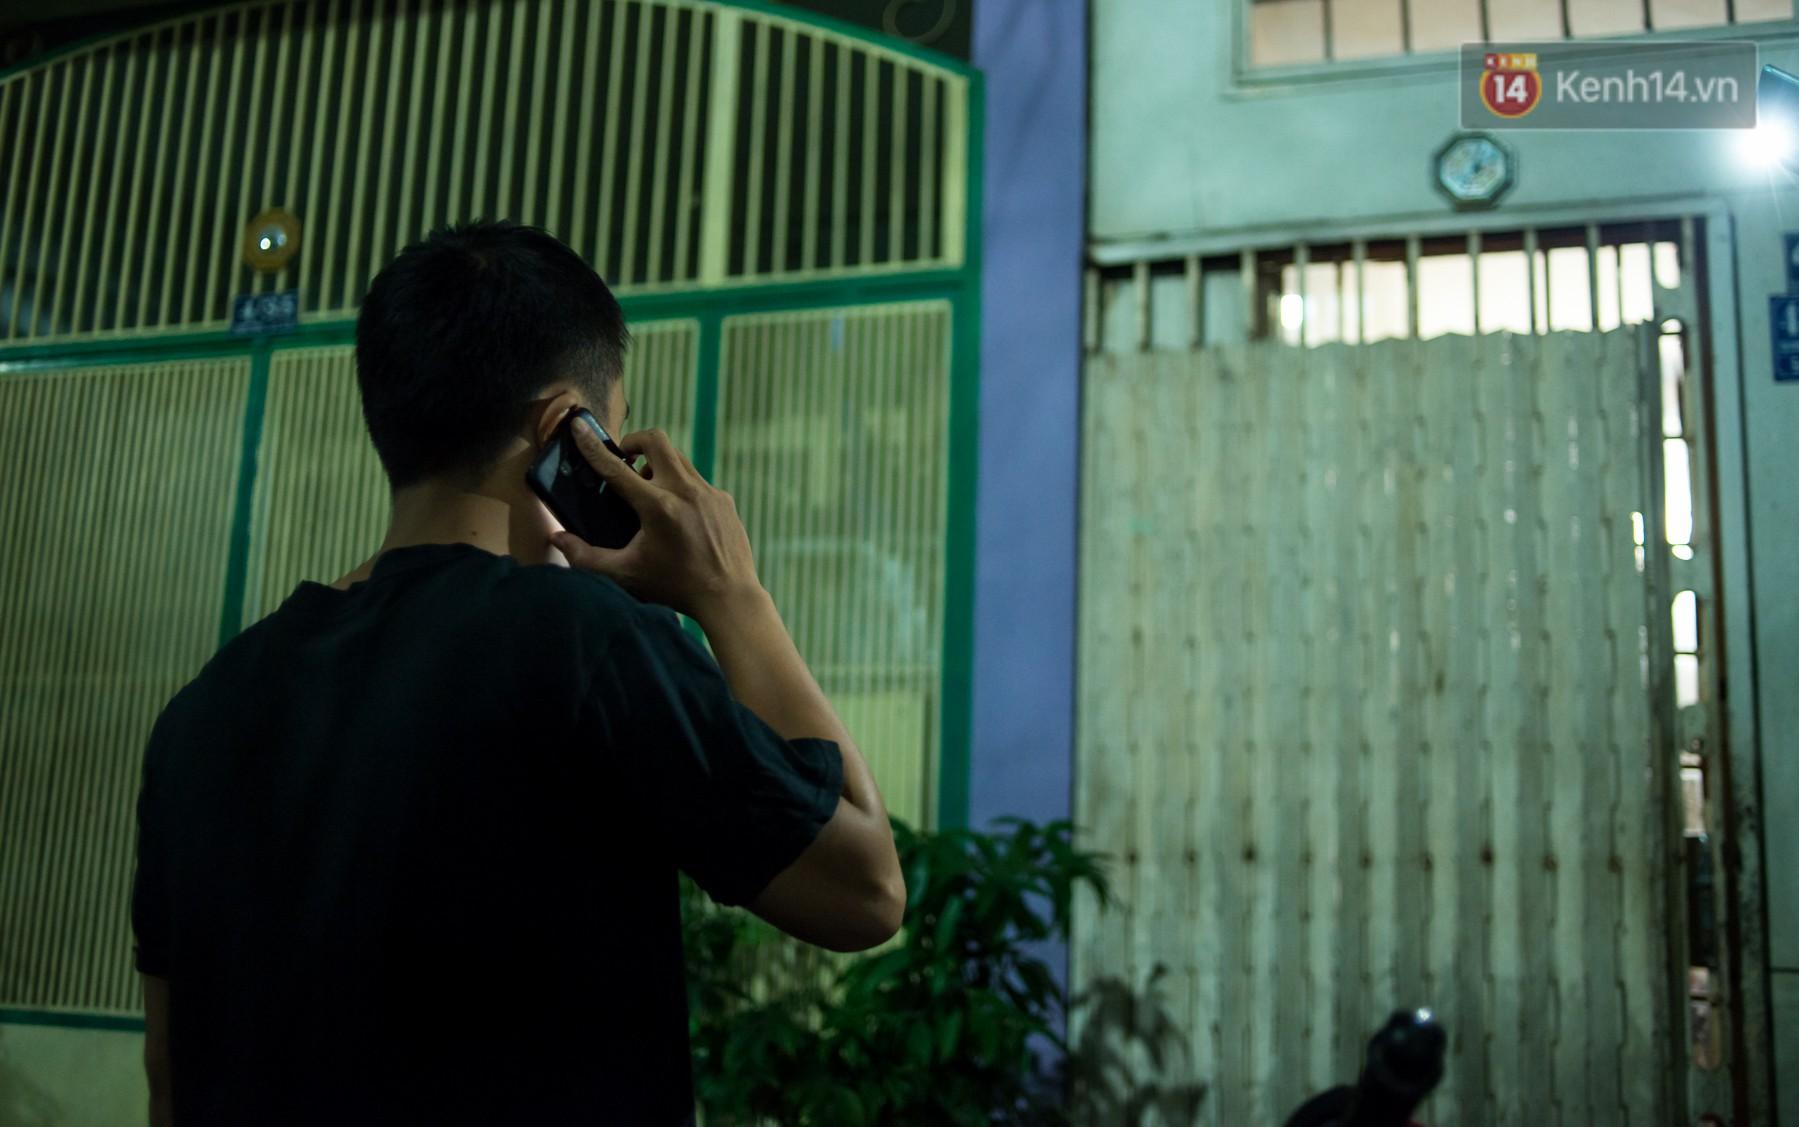 Dịch vụ giao thức ăn đêm ở Sài Gòn tăng cường hoạt động đến gần 3h sáng trong mùa World Cup - Ảnh 10.